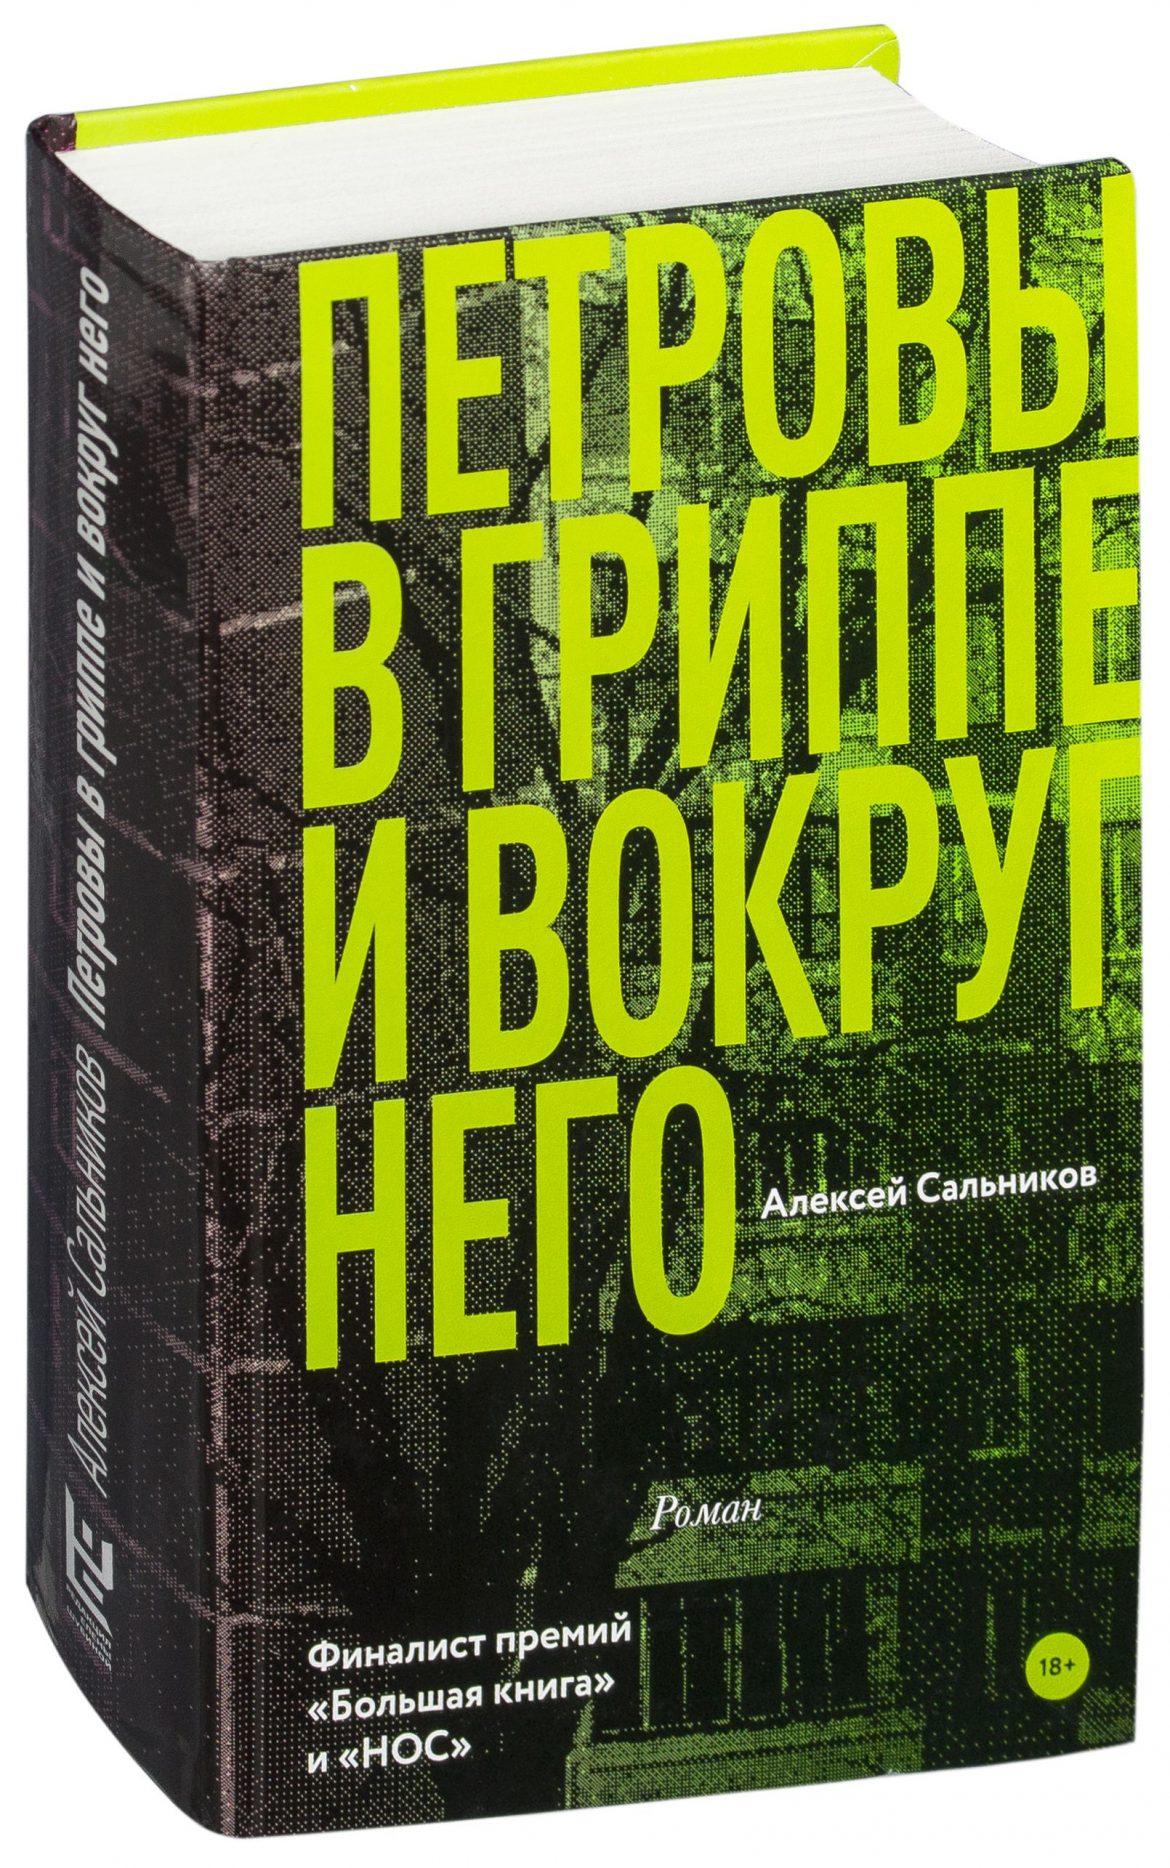 Петровы в гриппе и вокруг него — Алексей Сальников